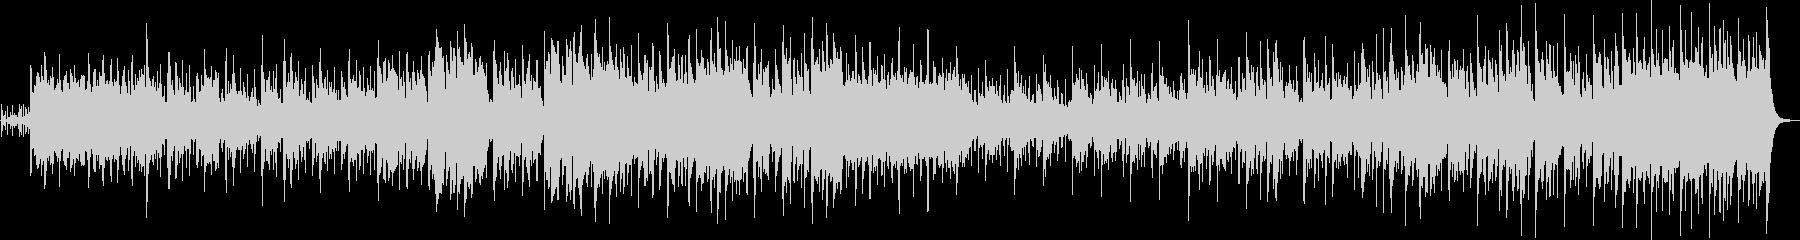 アンデス系ケルトとチターの民族音楽風の未再生の波形